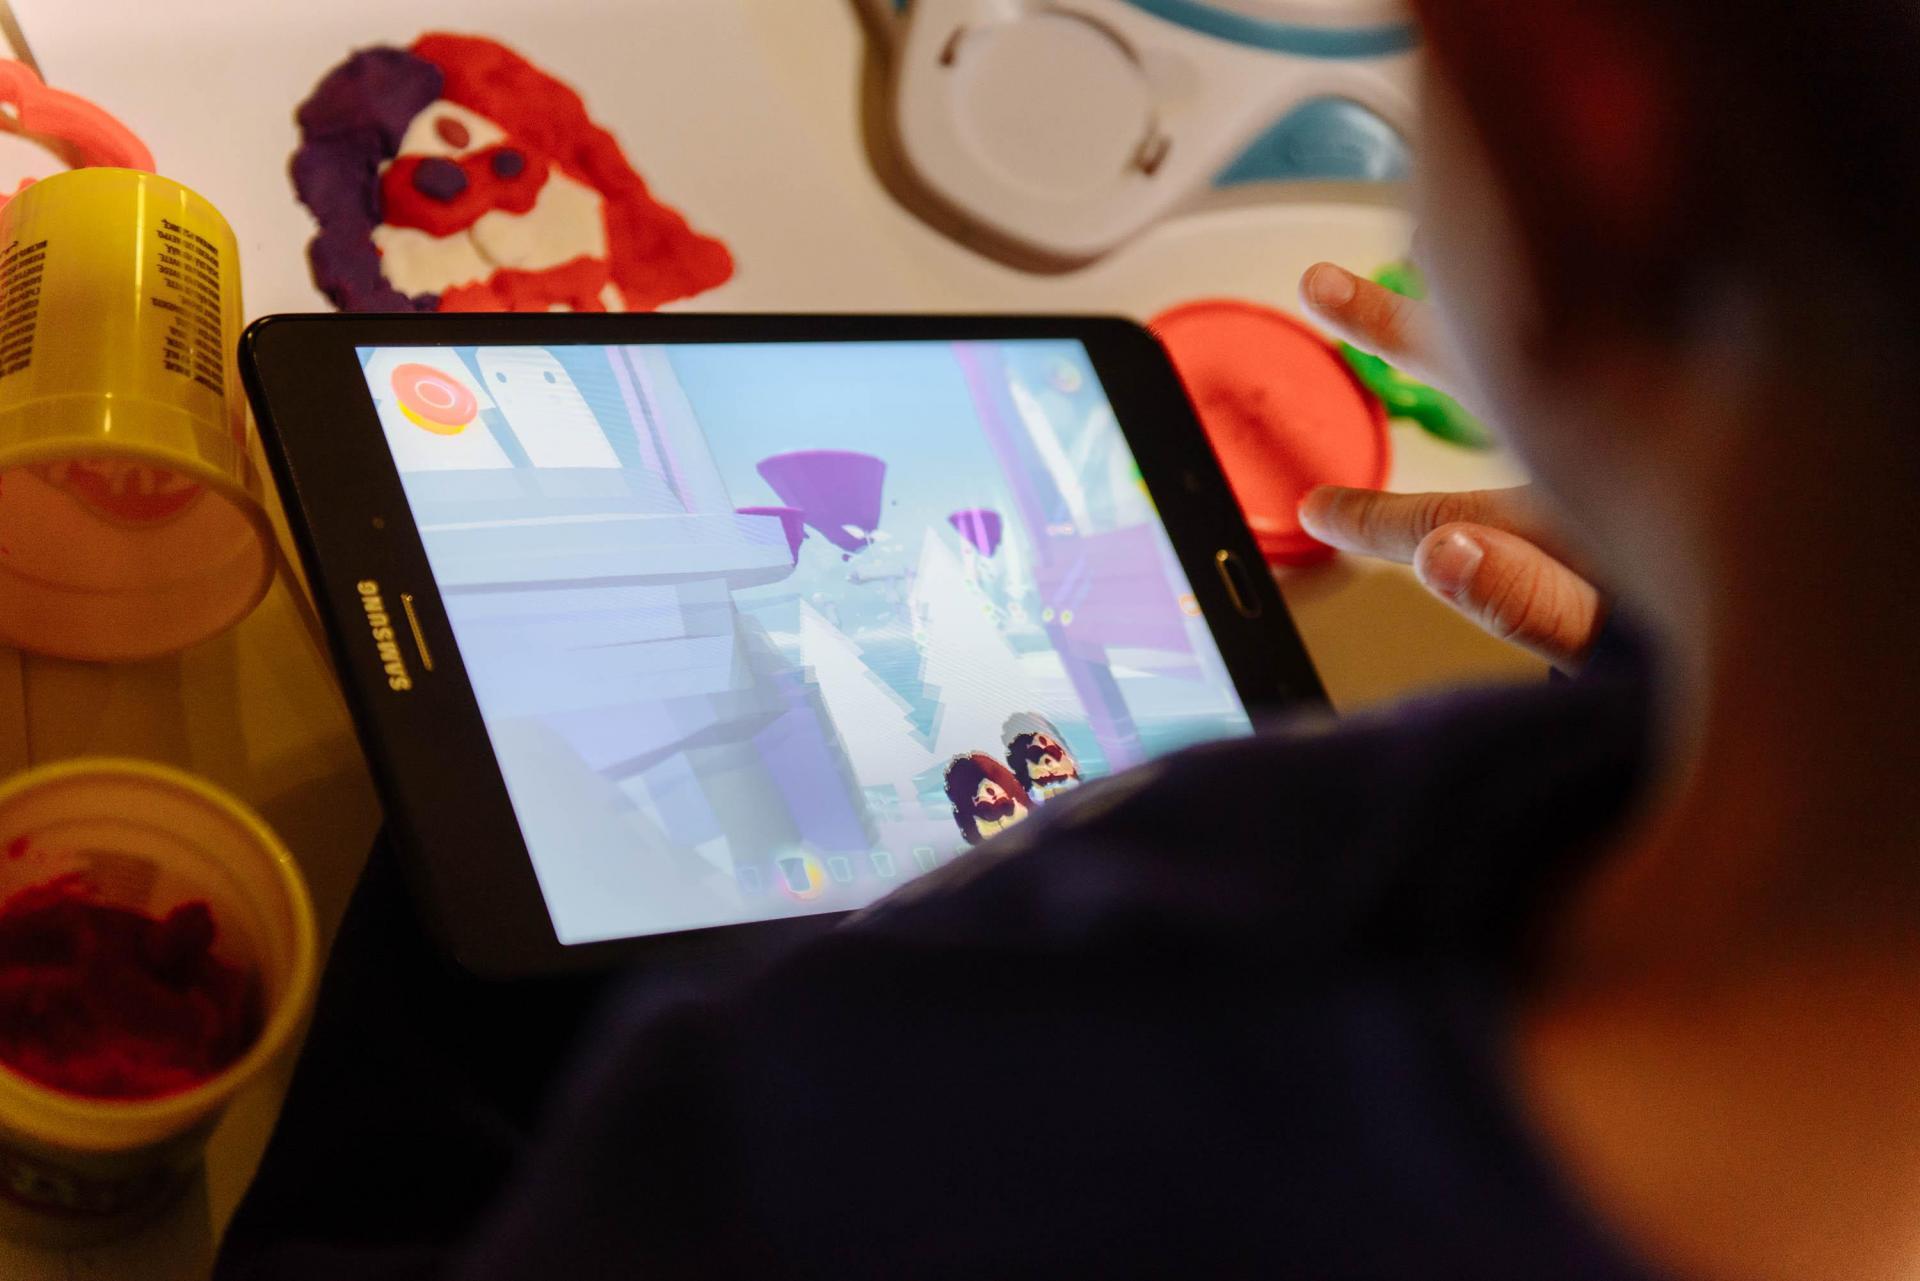 Слепленные из пластилина персонаж оживет в виртуальном мире на экране гаджета в приложении Play-Doh Touch